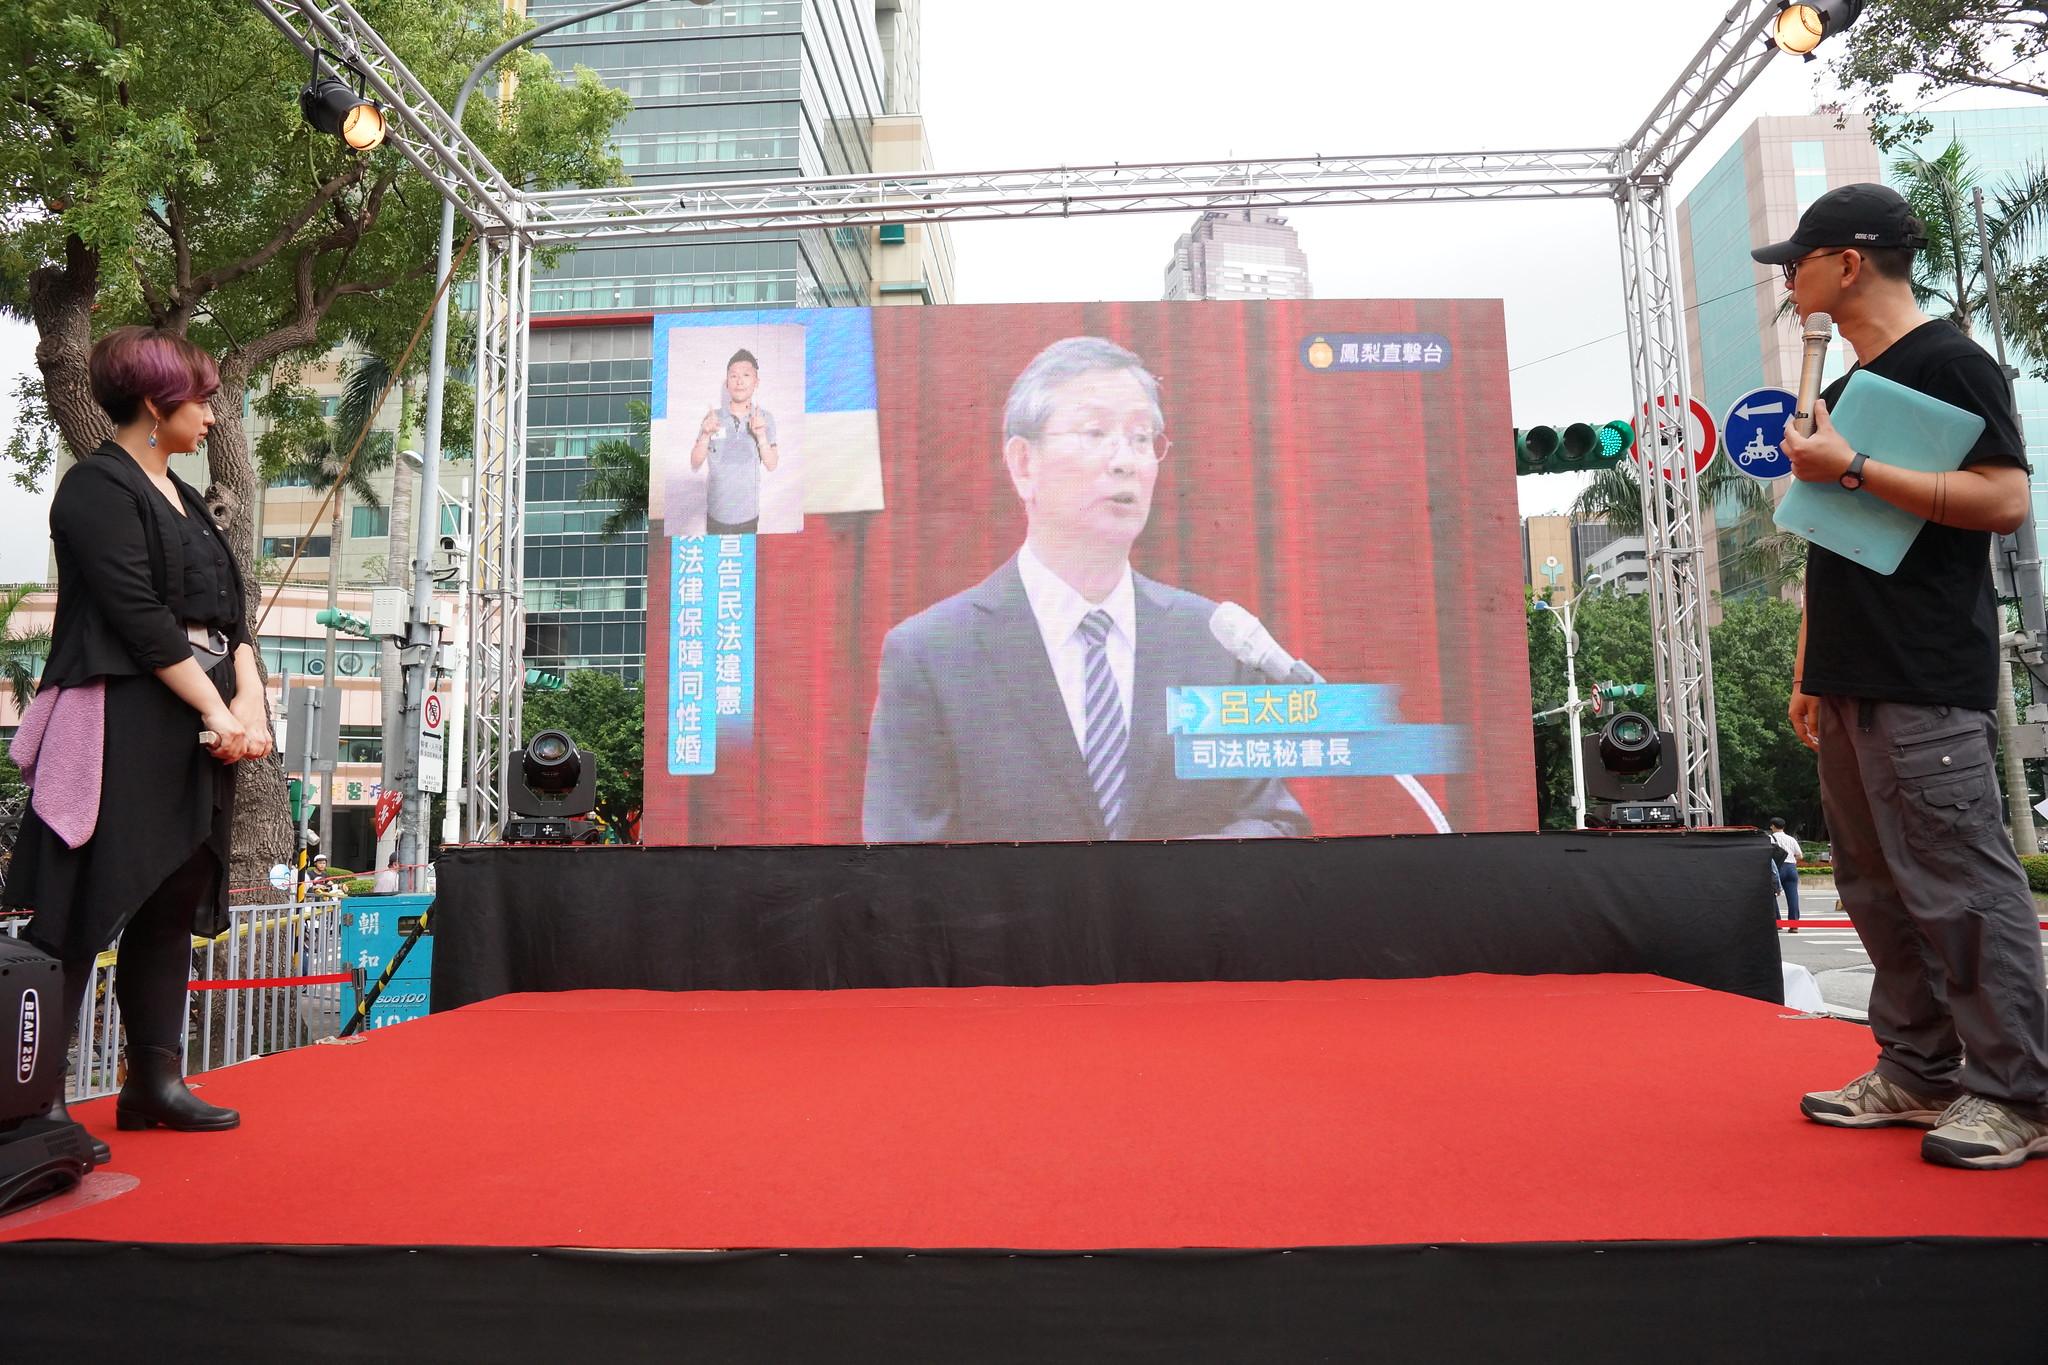 同志團體5月24日在青島東路外直播觀看大法官釋憲結果。(攝影:王顥中)